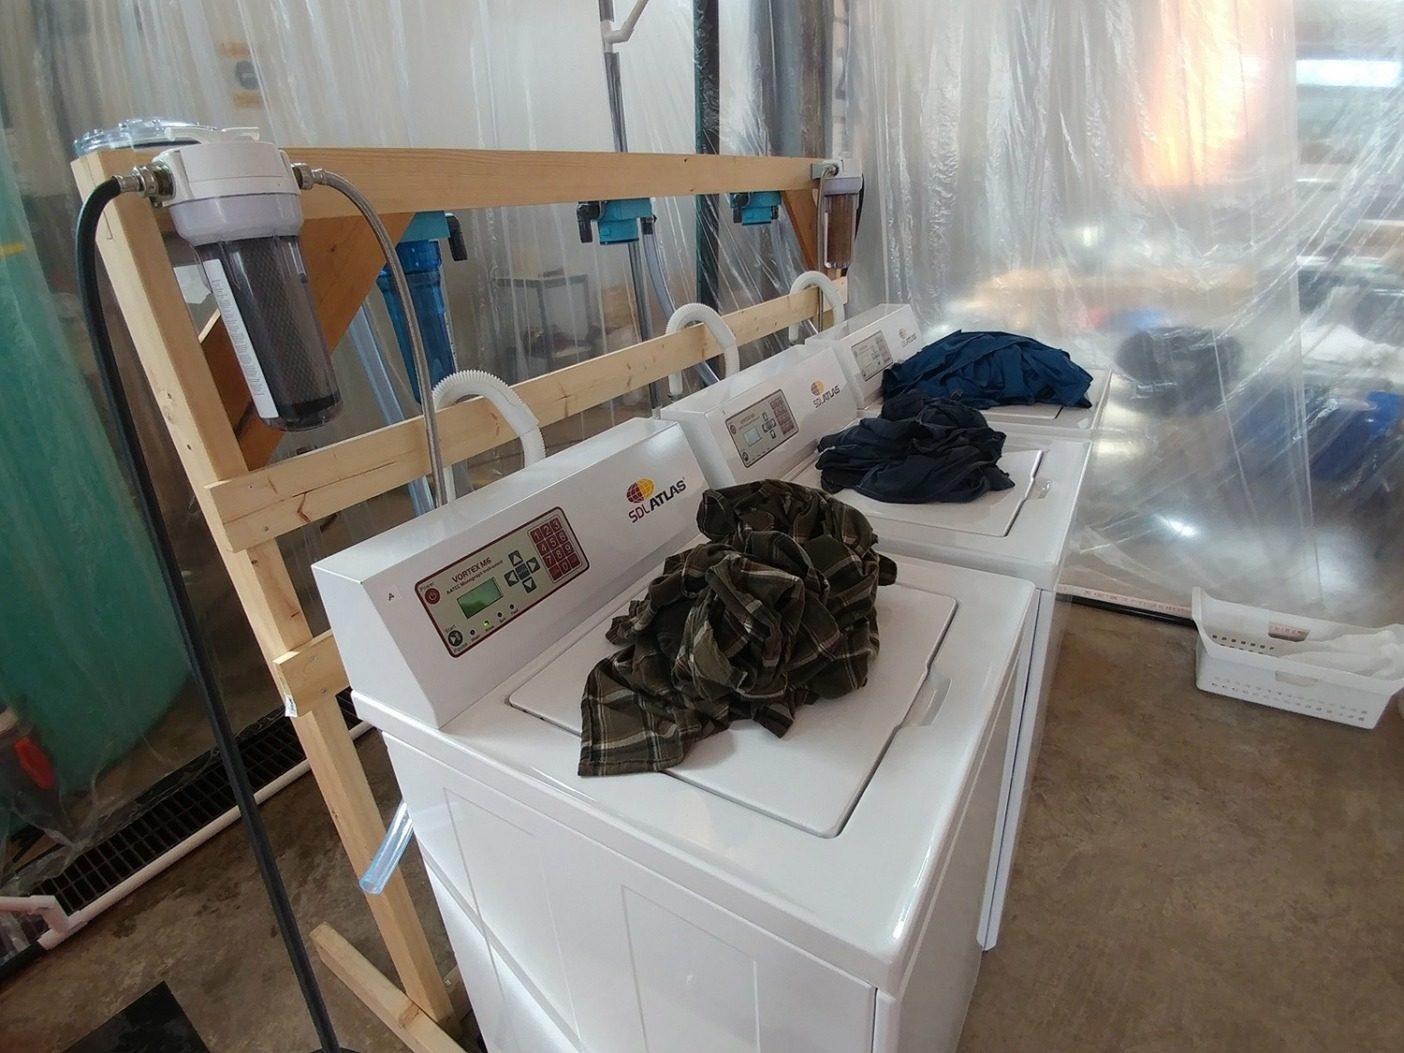 洗濯の研究には商業グレードの洗濯機が使われ、典型的な家庭の洗濯機のサイクルを模倣した。Photo: Mathew Watkins